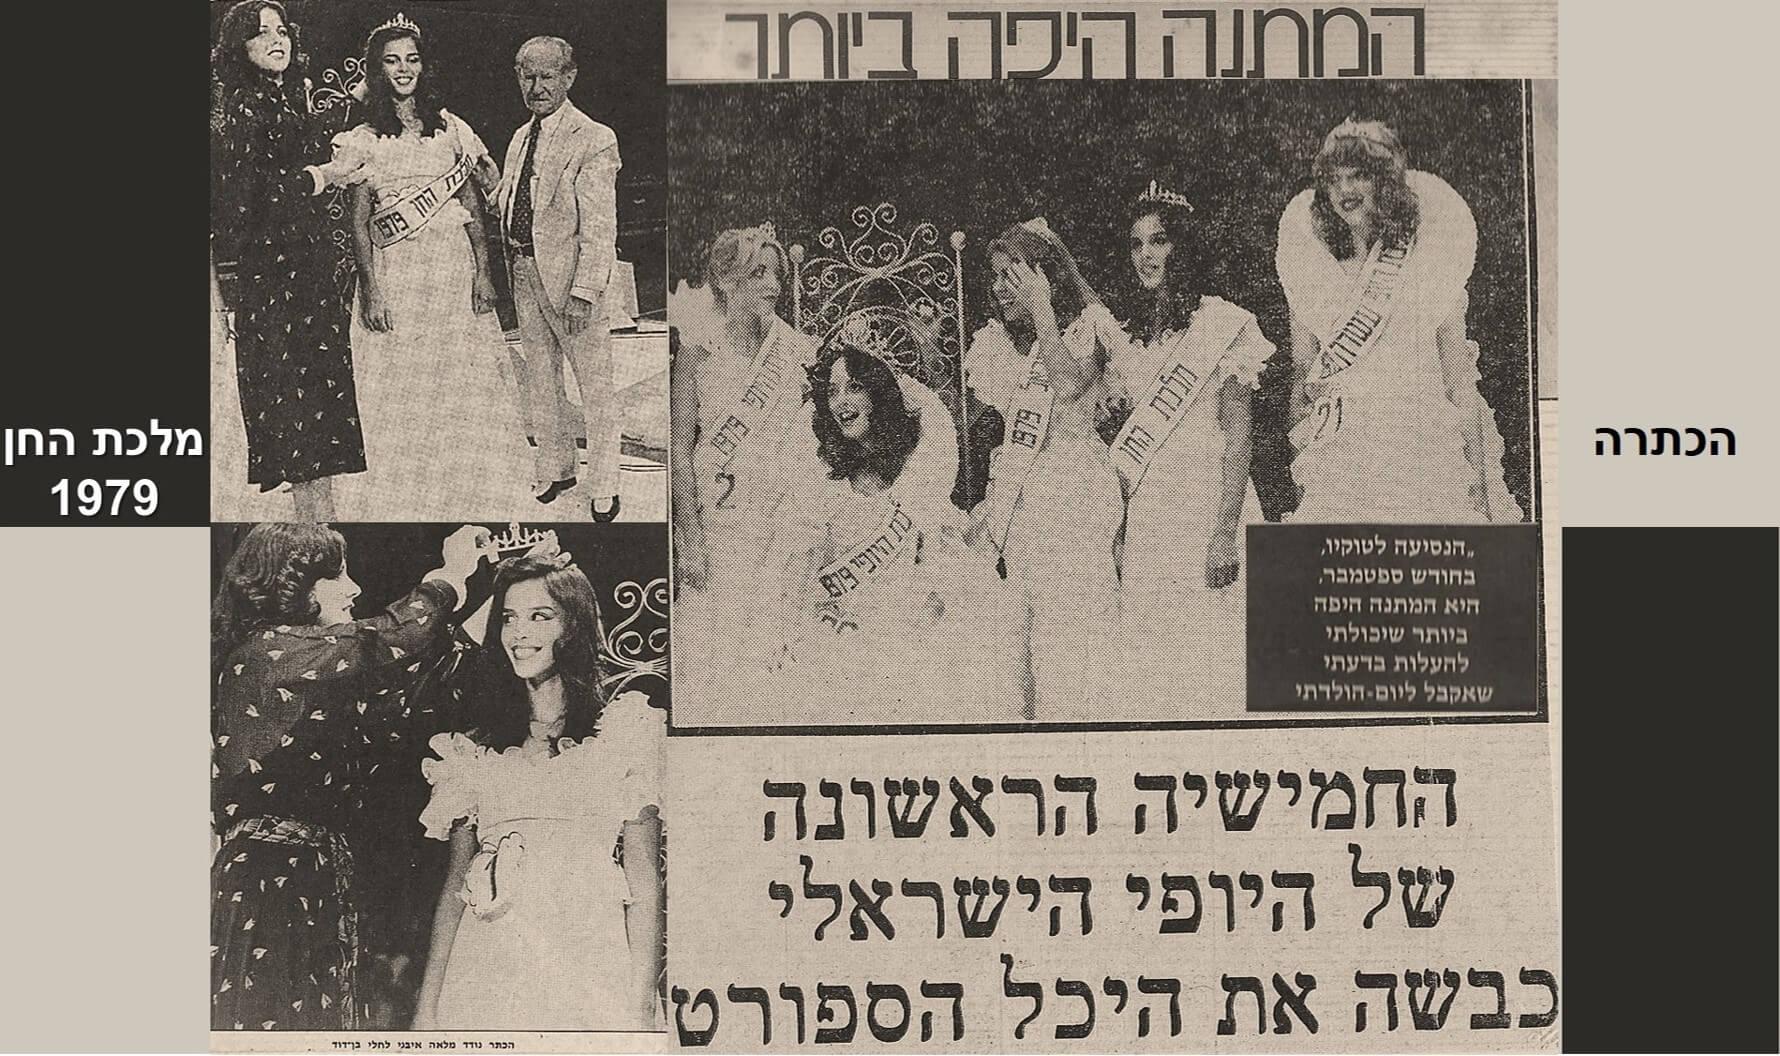 הכתרת מלכת החן של ישראל 1979